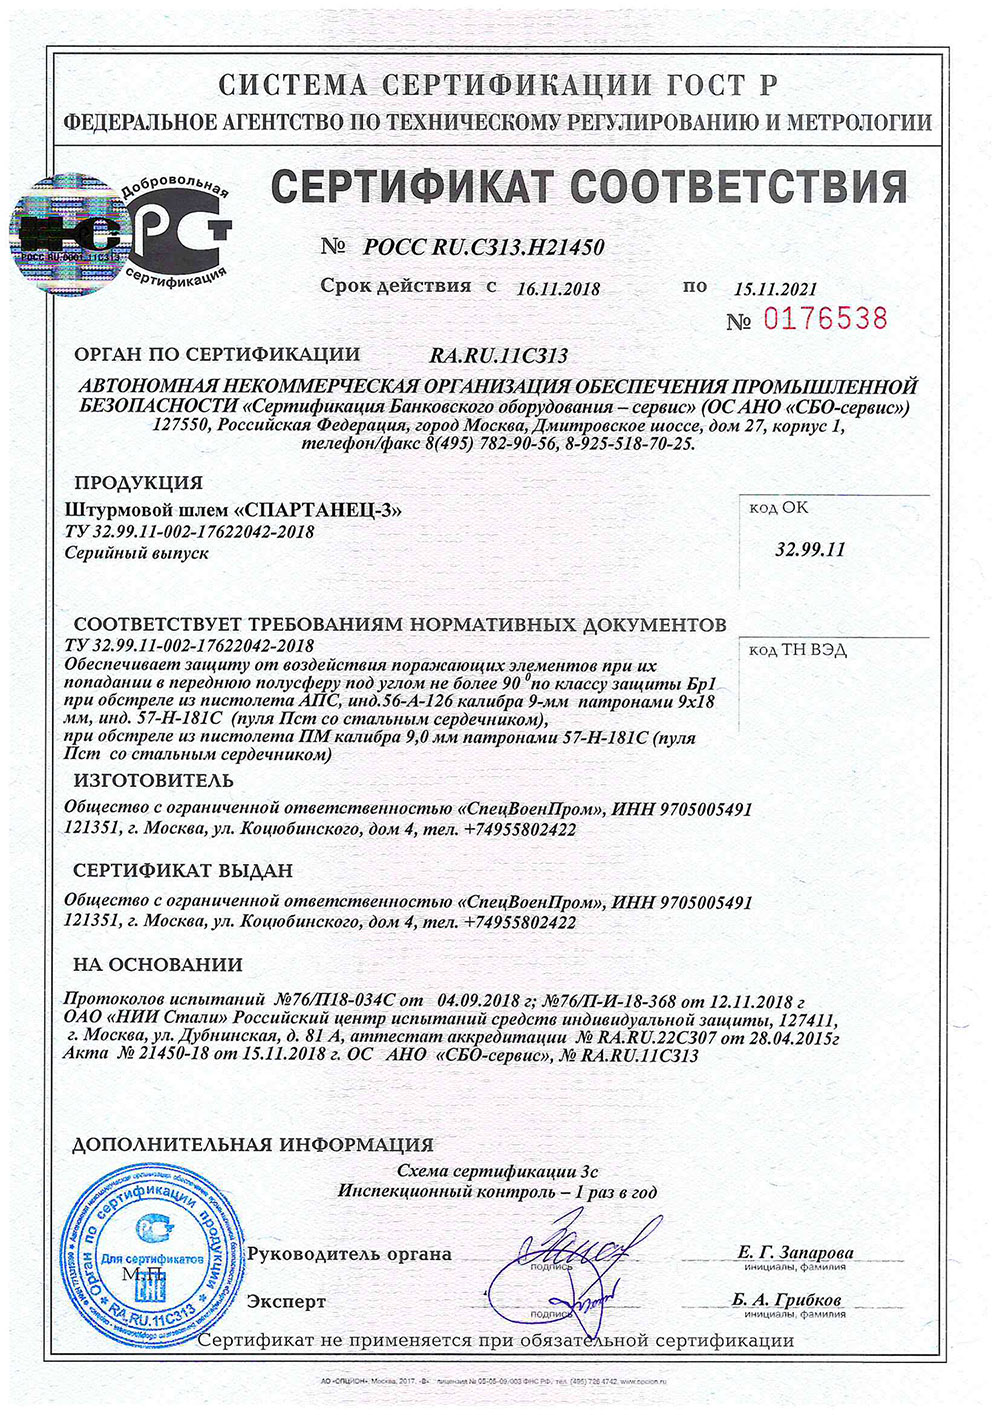 Сертификат Соответствия Спартанец-3